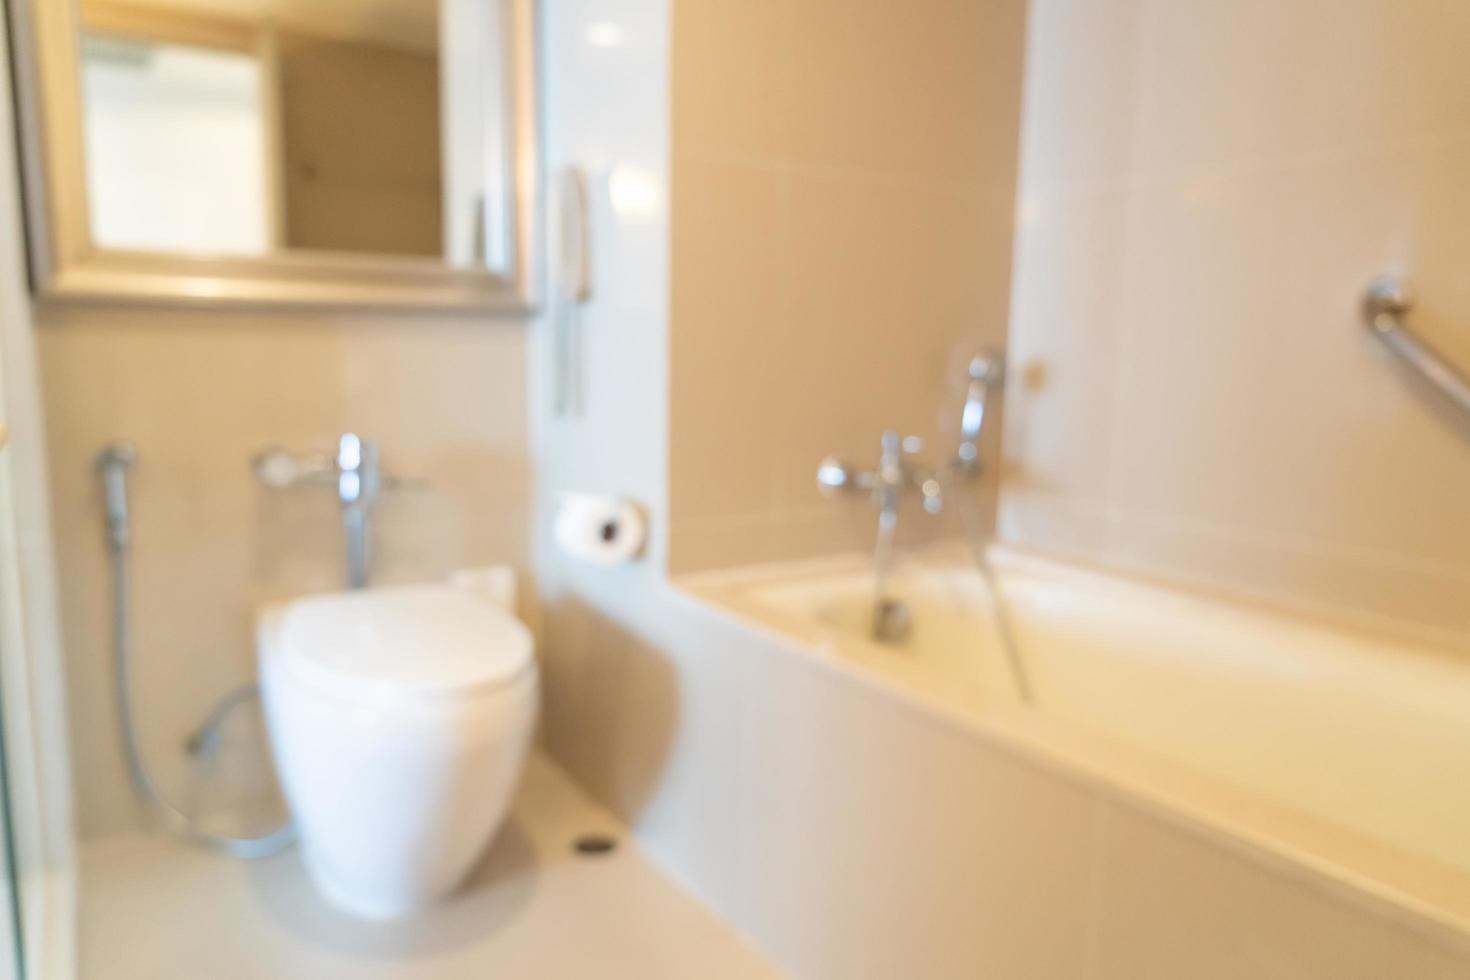 sfocatura astratta bagno o servizi igienici per lo sfondo foto